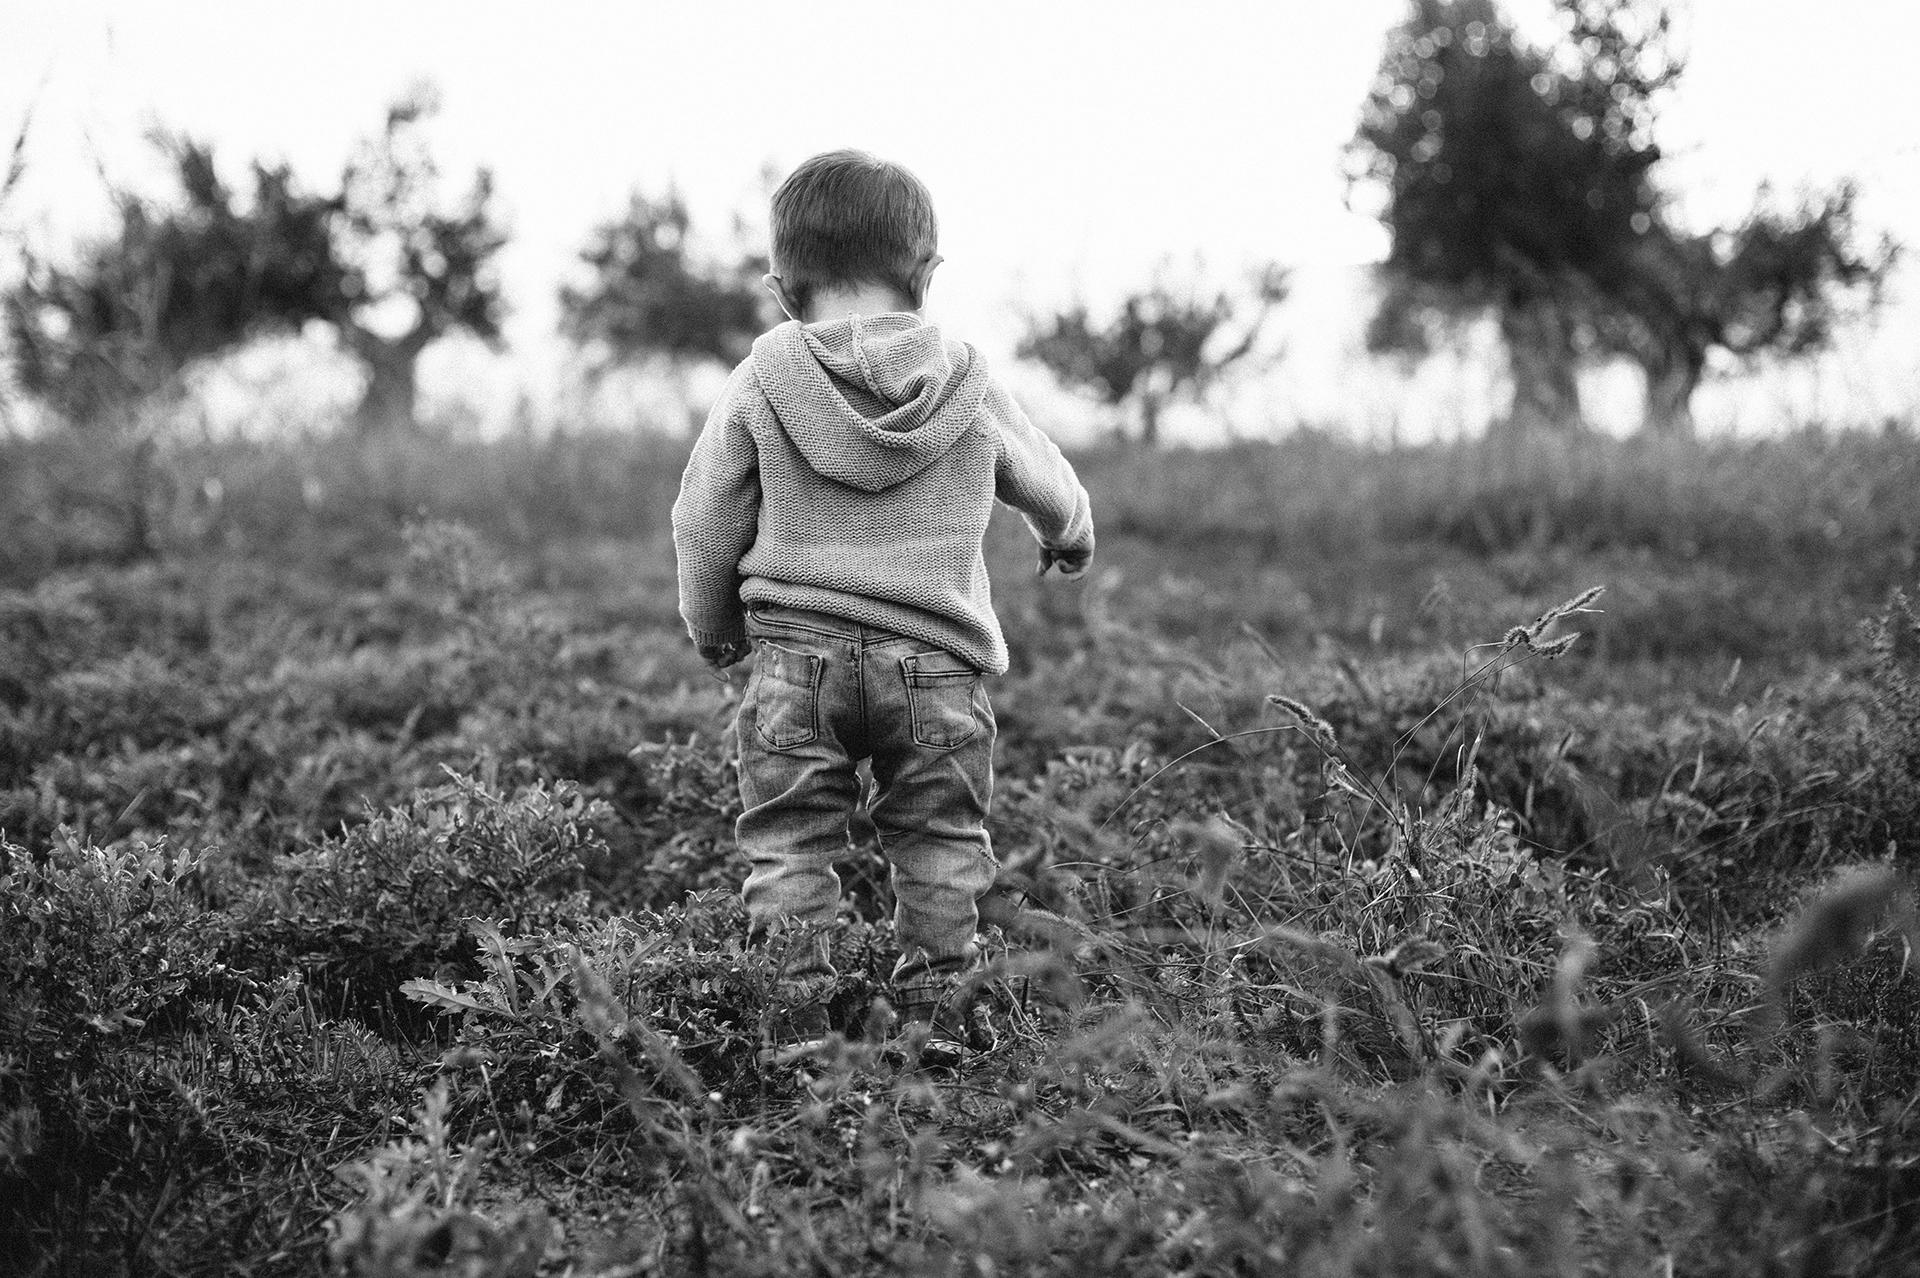 bambino di spalle cammina nel prato